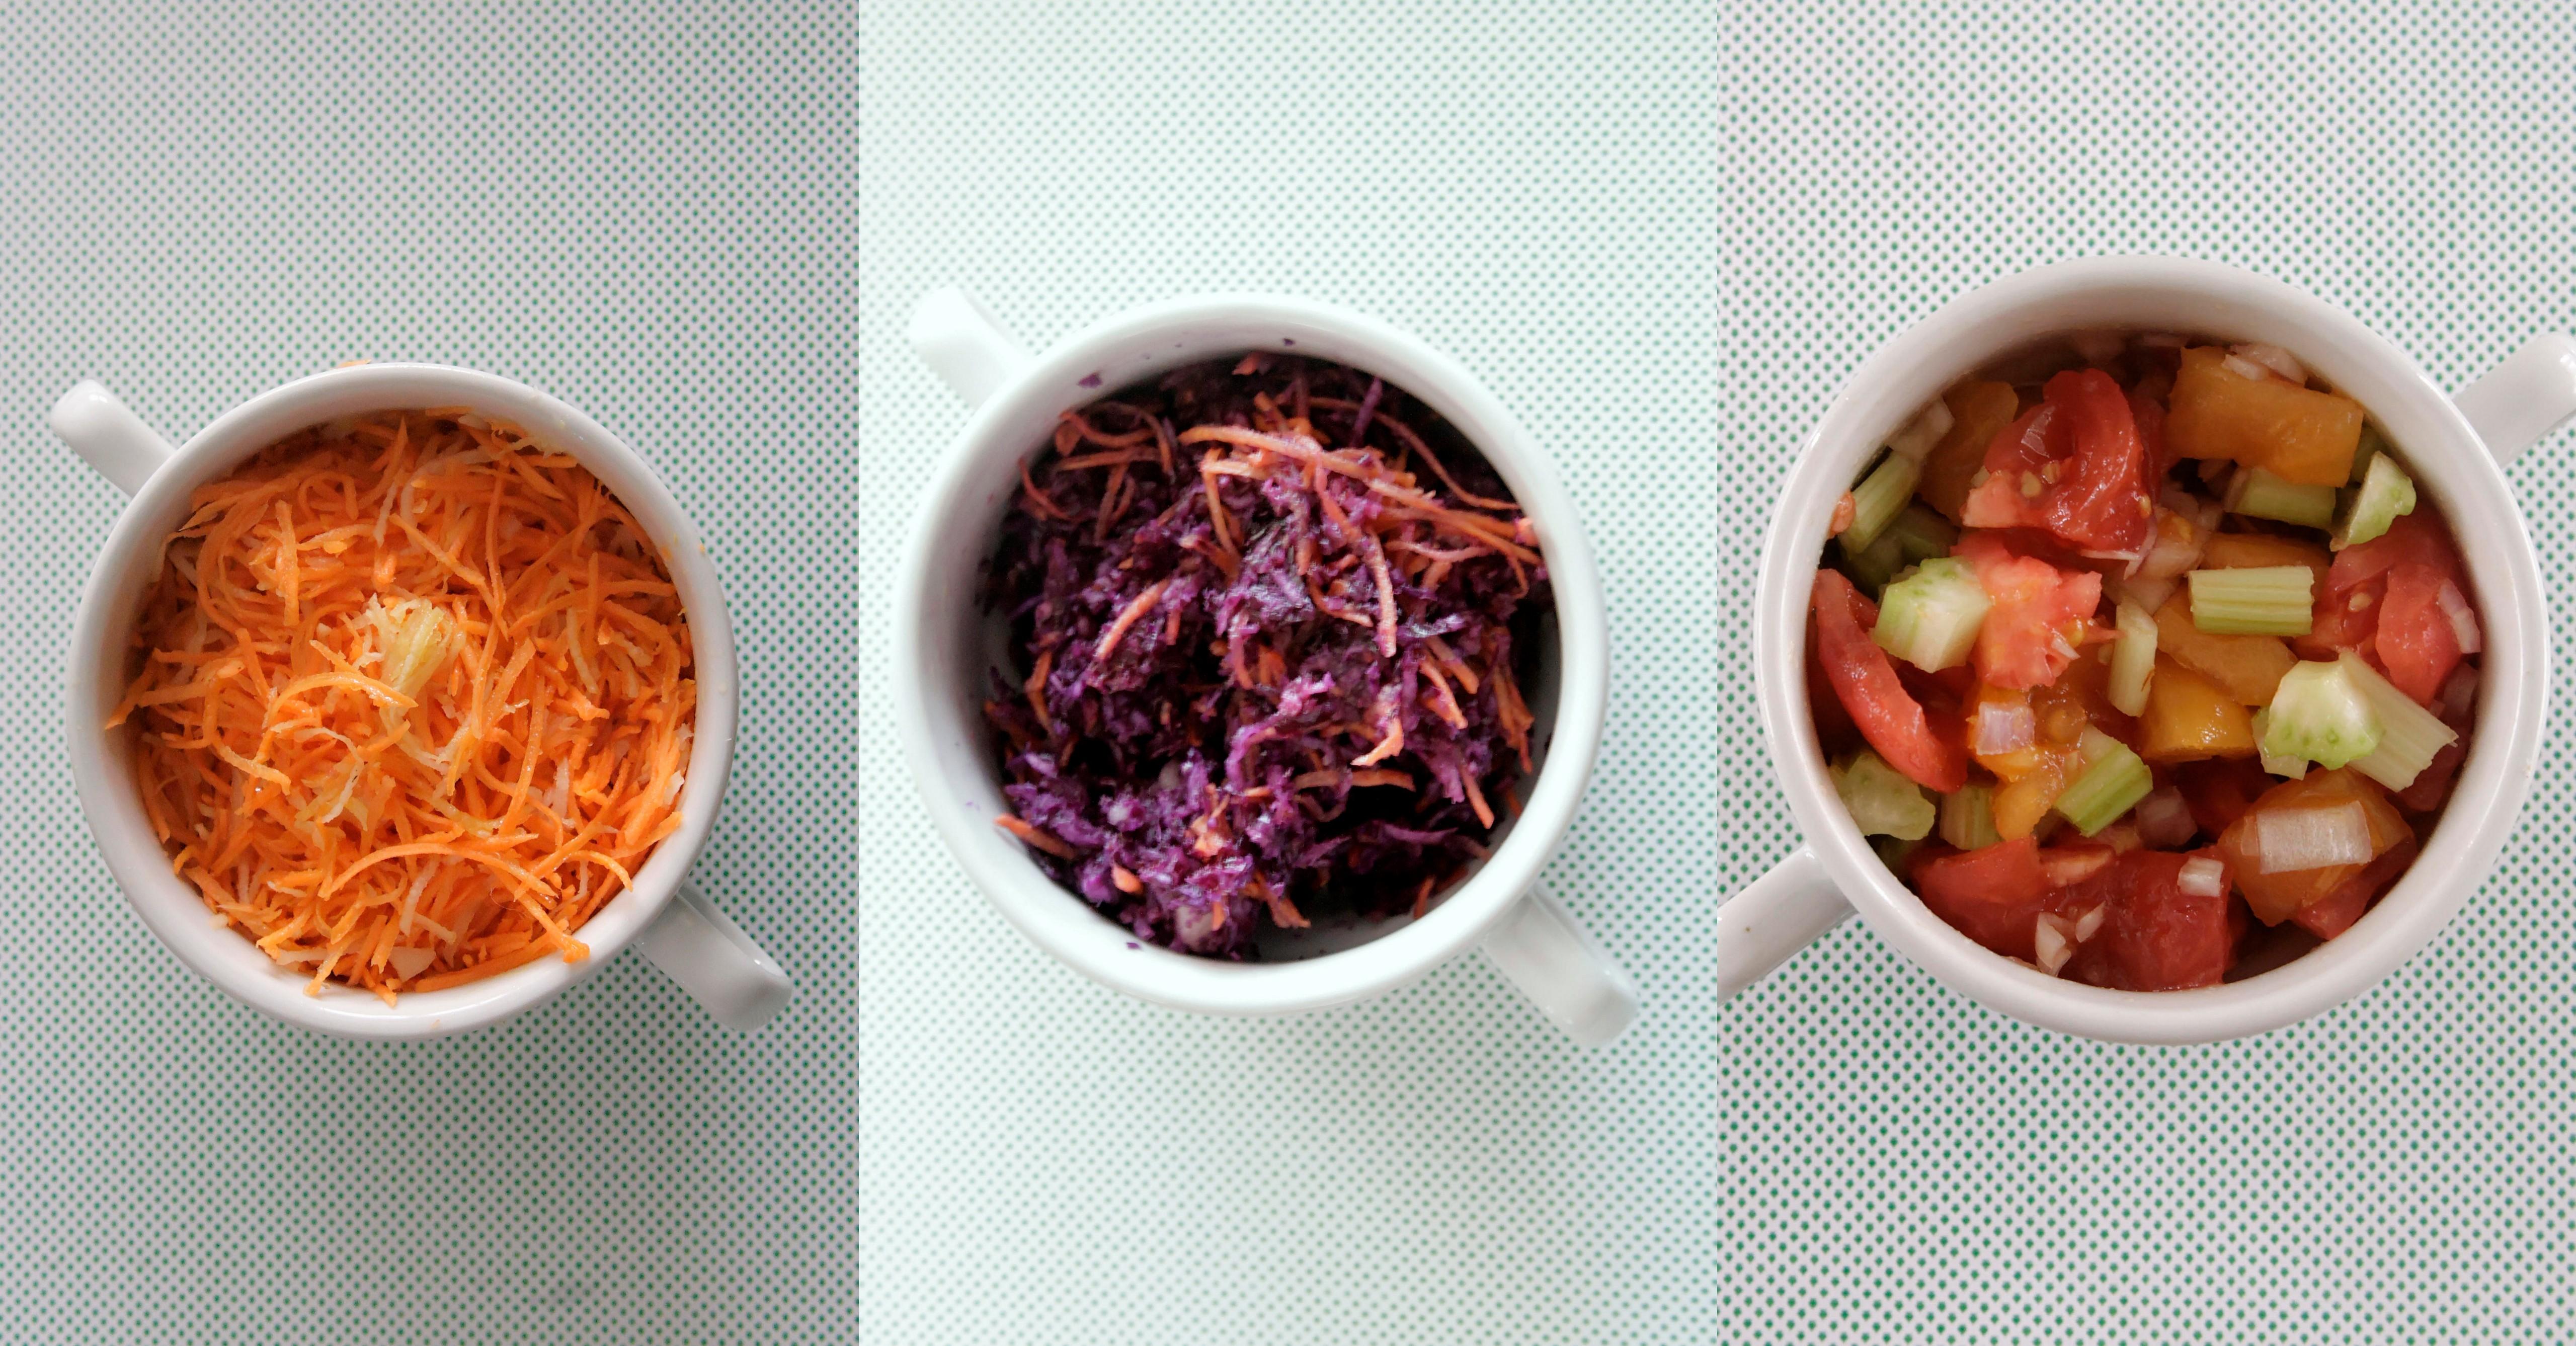 Kilka pomysłów na szybkie sałatki i surówki obiadowe